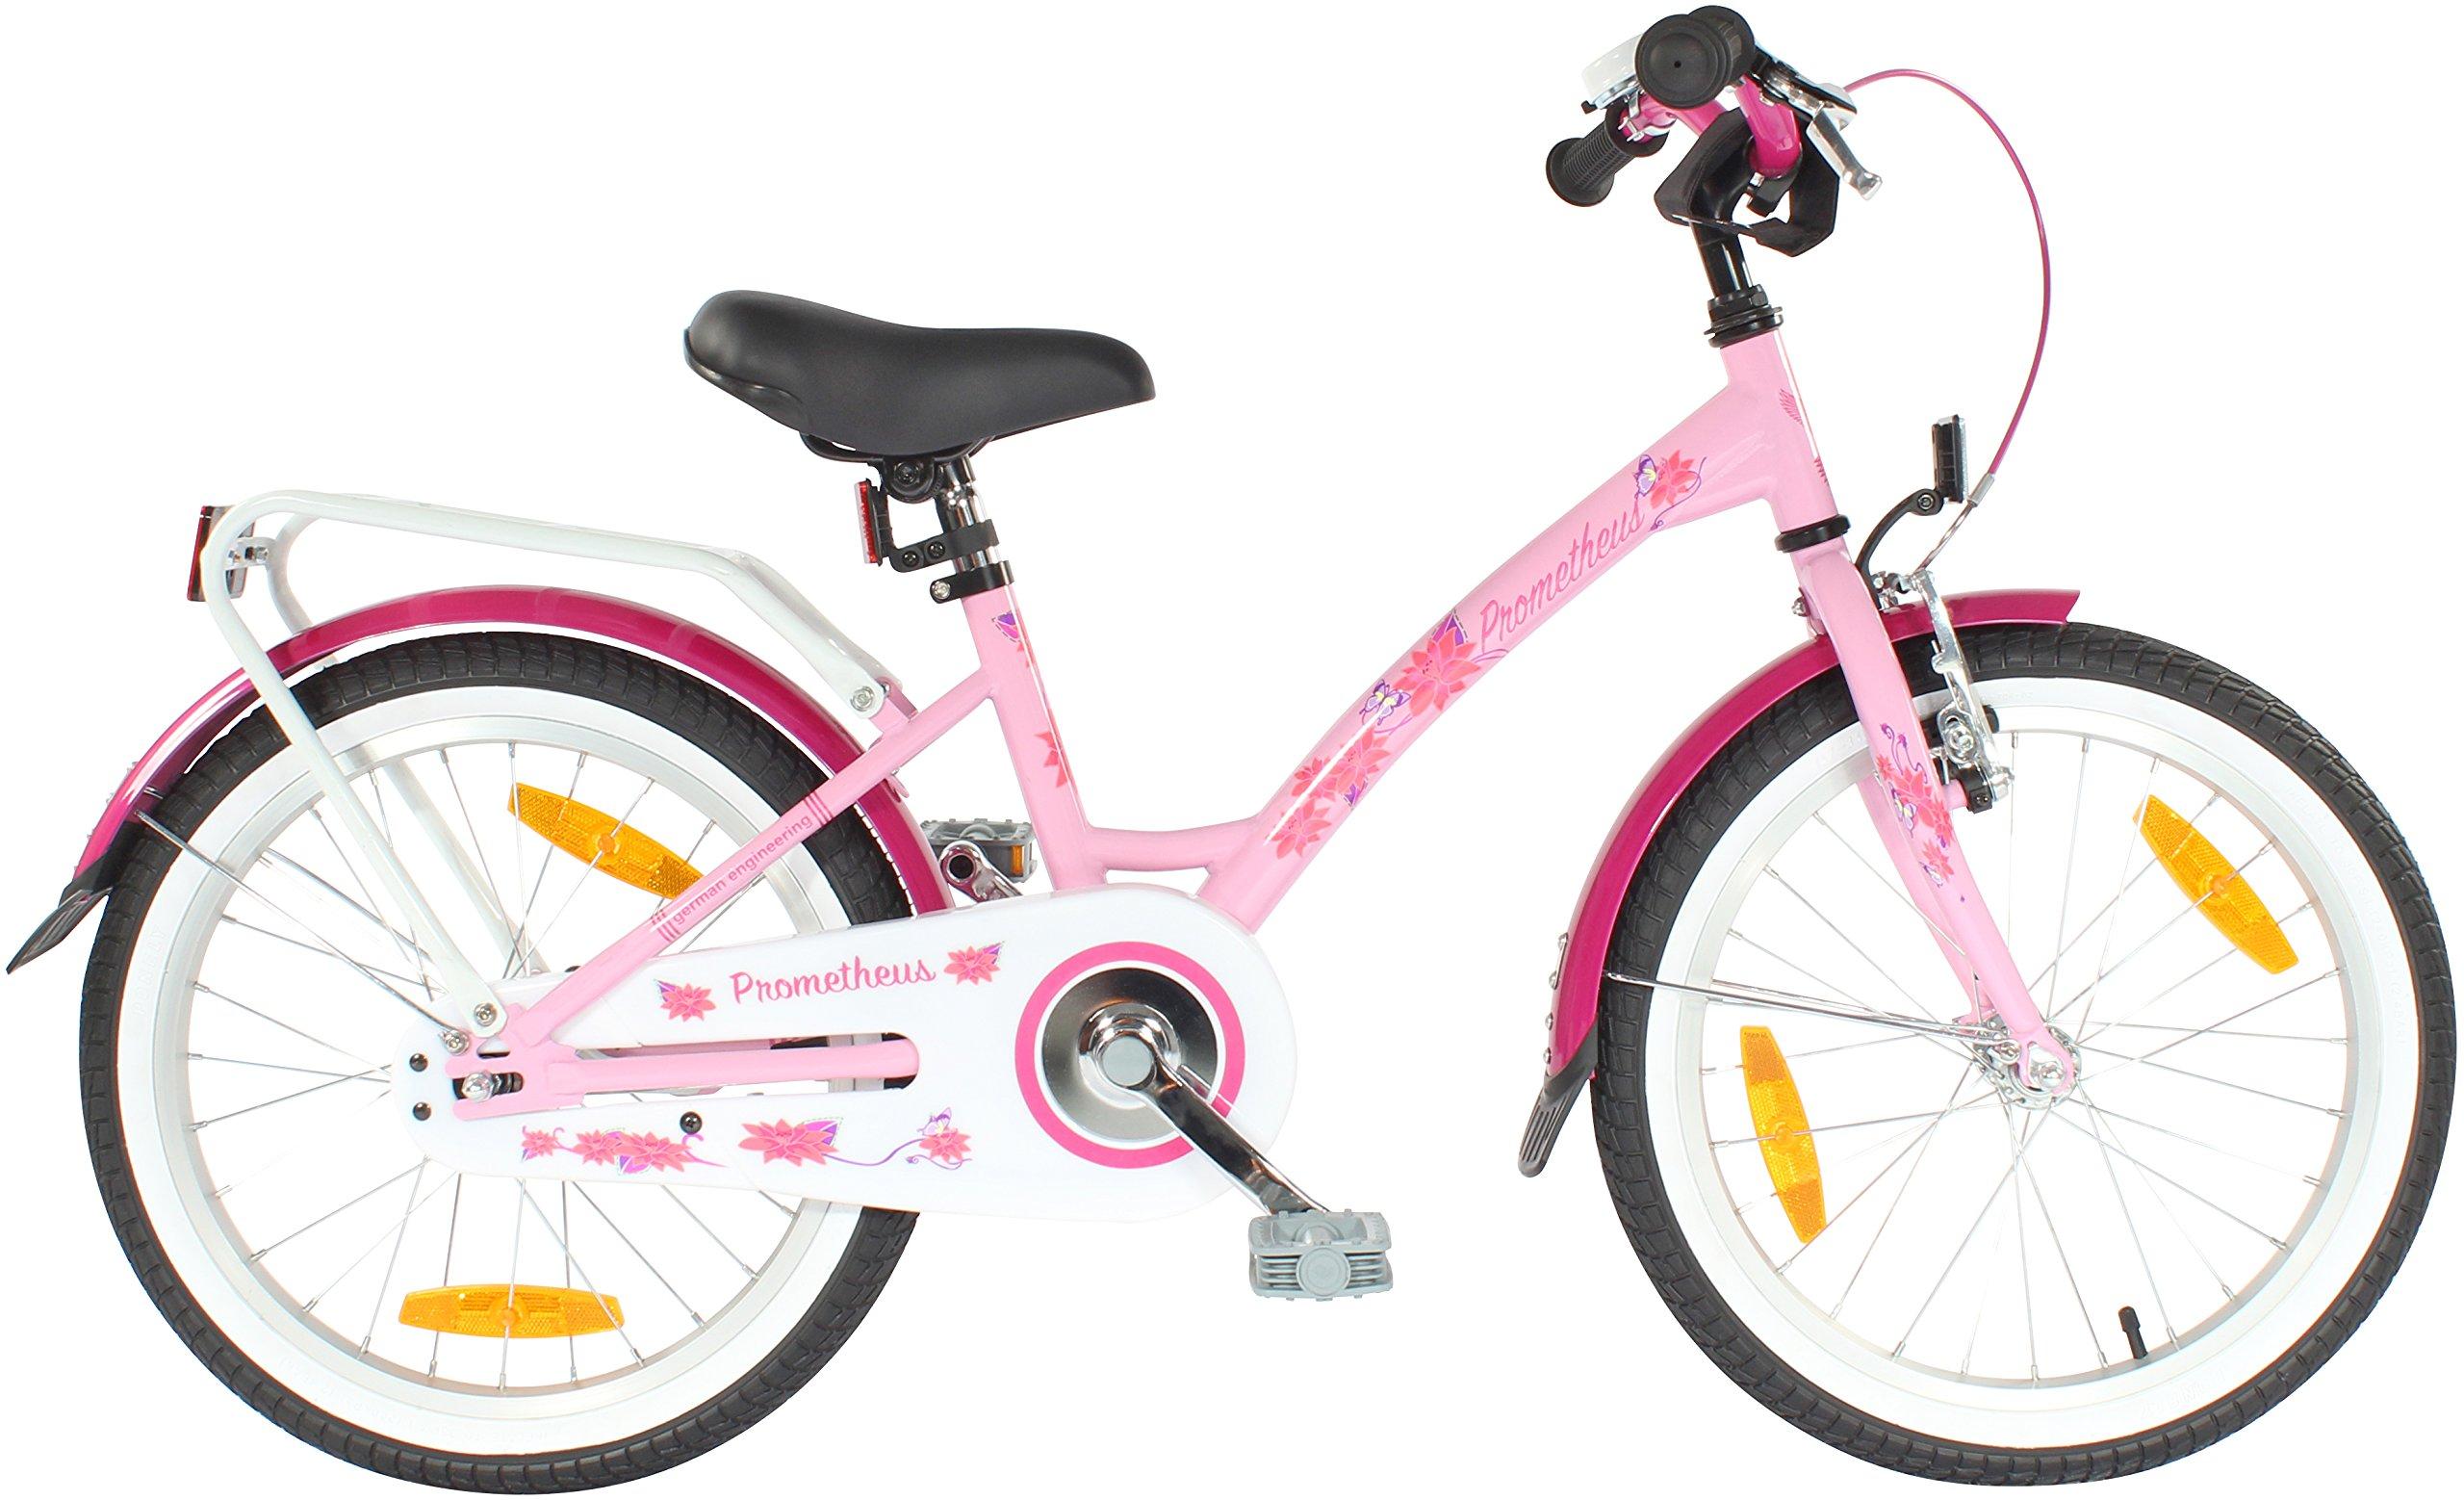 Dettagli Su Prometheus Bicicletta Per Bambina Da 18 Pollici In Rosa Lilla E Bianco A7c